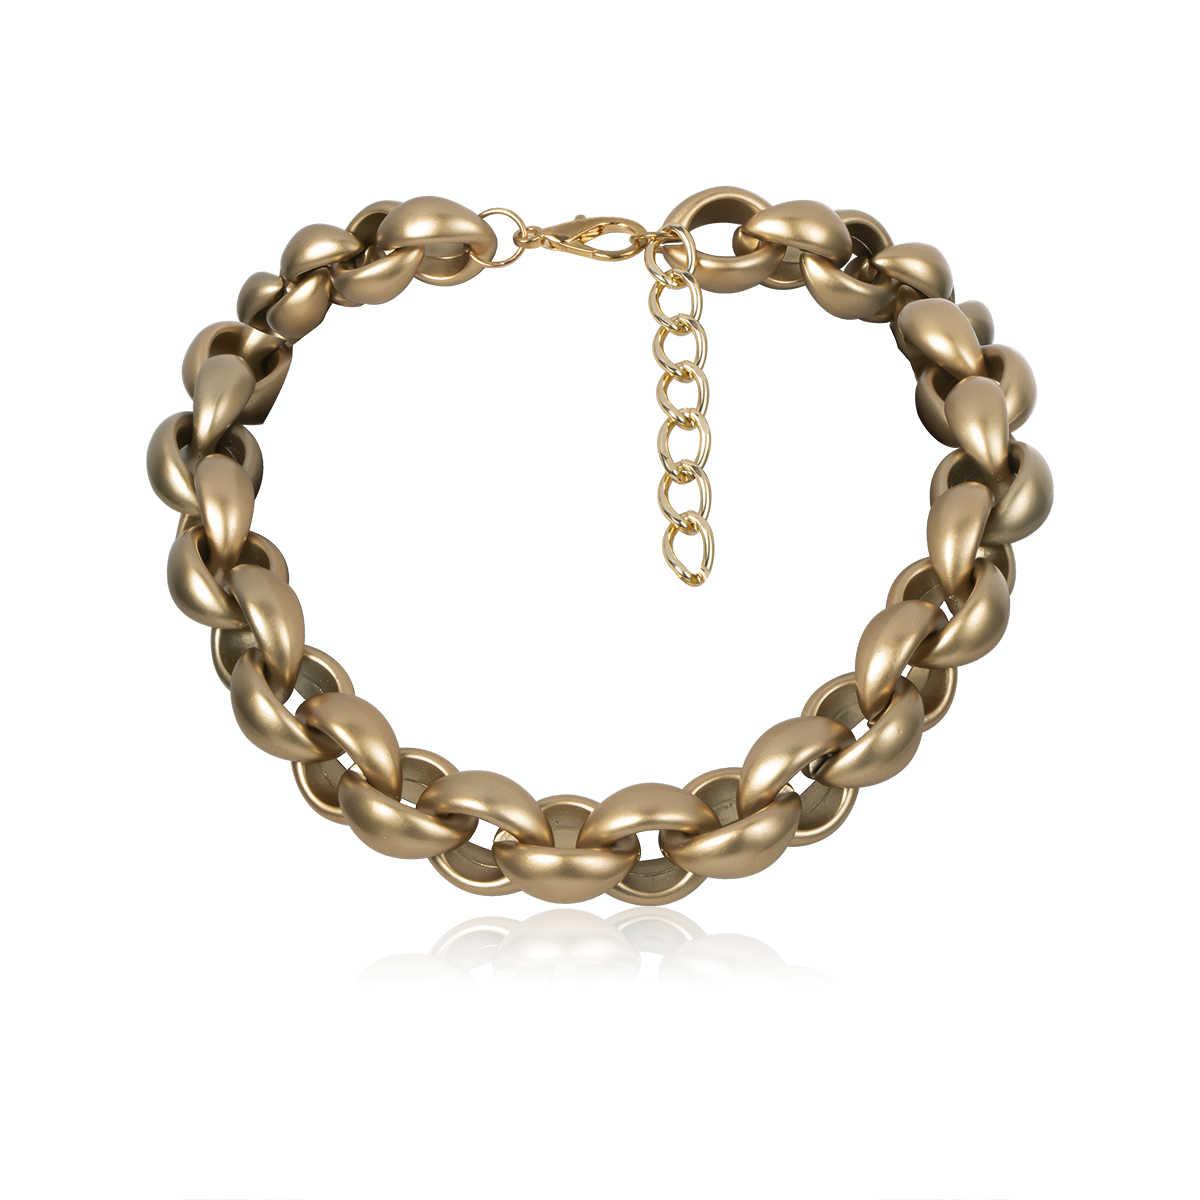 Exagéré Vintage antique collier ras du cou pendentif femmes déclaration serrure lien chaîne épaisse collier Steampunk hommes bijoux